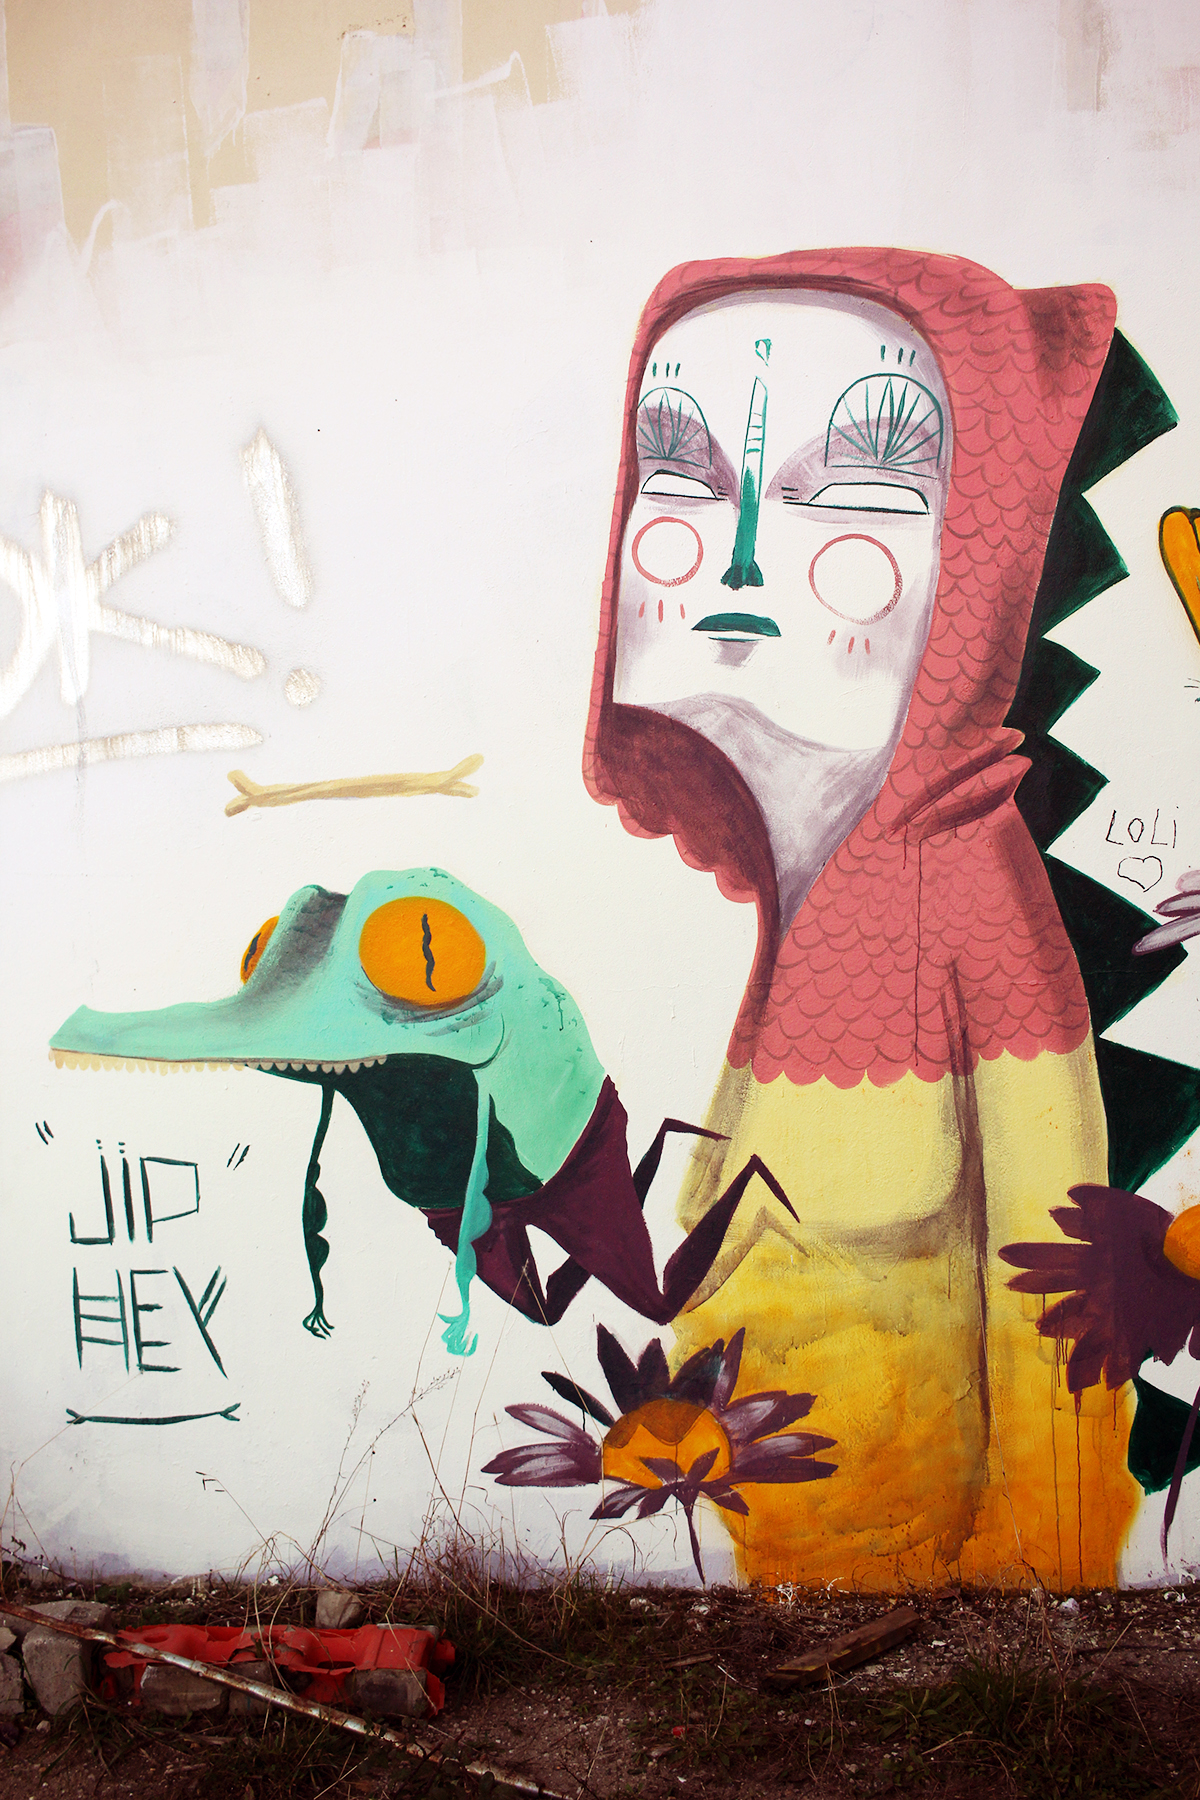 jip-hey